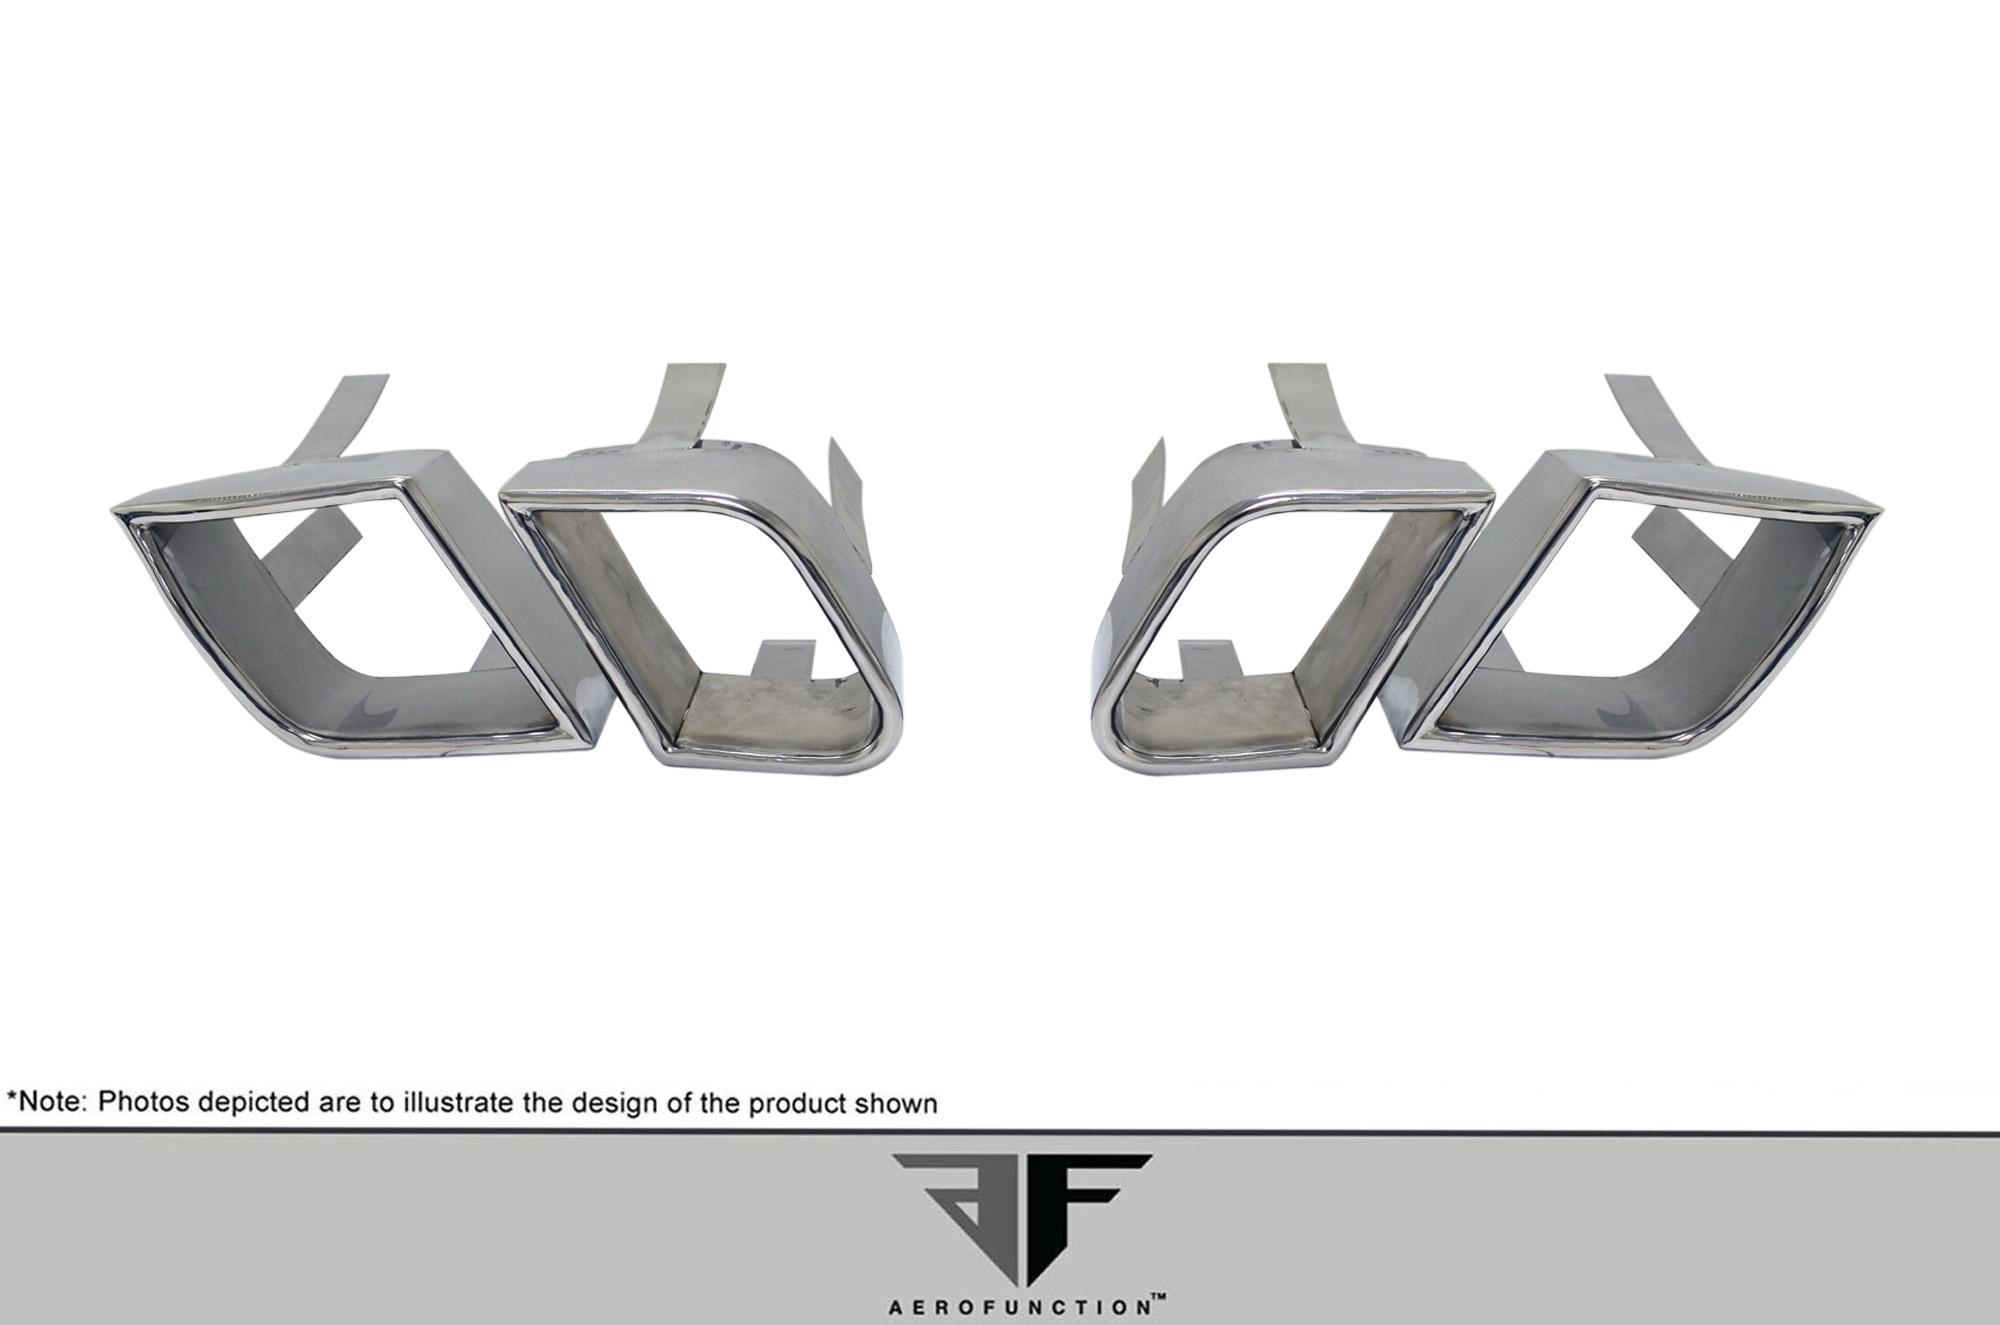 2011-2014 Porsche Cayenne AF-4 Exhaust Tips - 4 Piece (S)